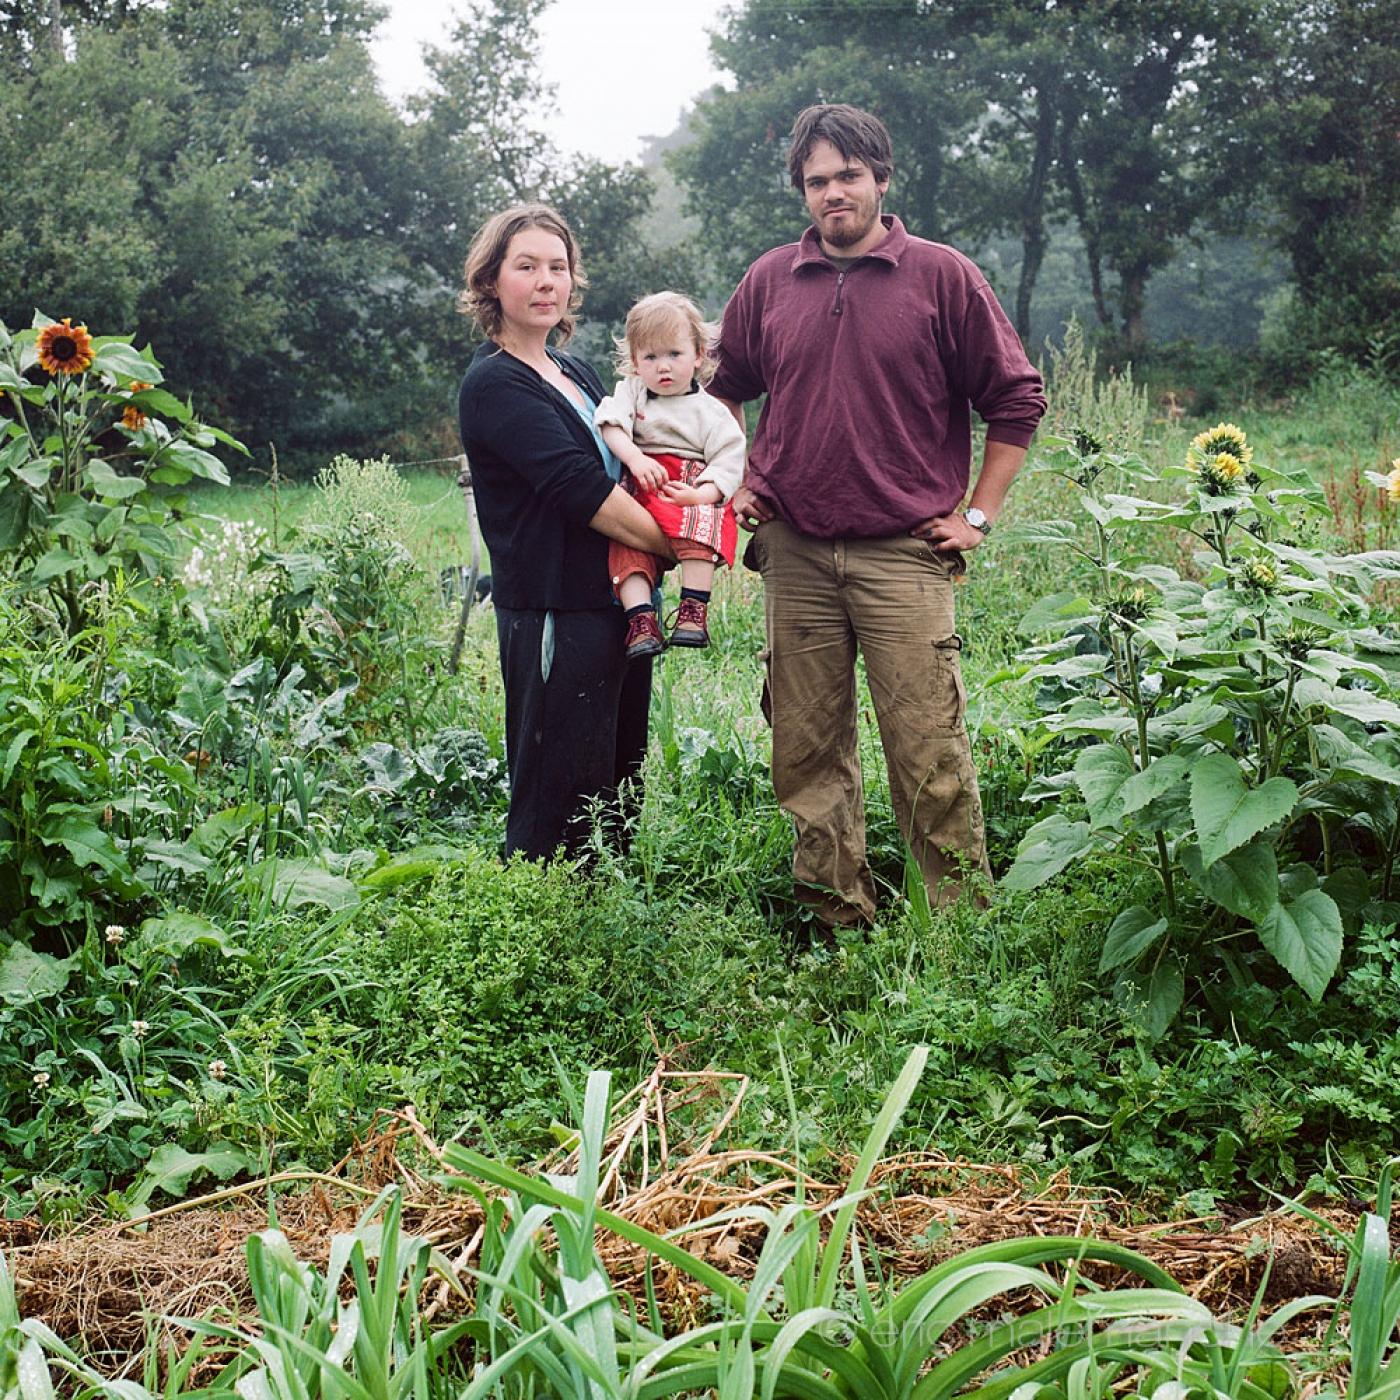 http://www.ericmalemanche.com/imagess/topics/les-bretons-de-l-argoat/liste/Bretons-Malemanche-001.jpg